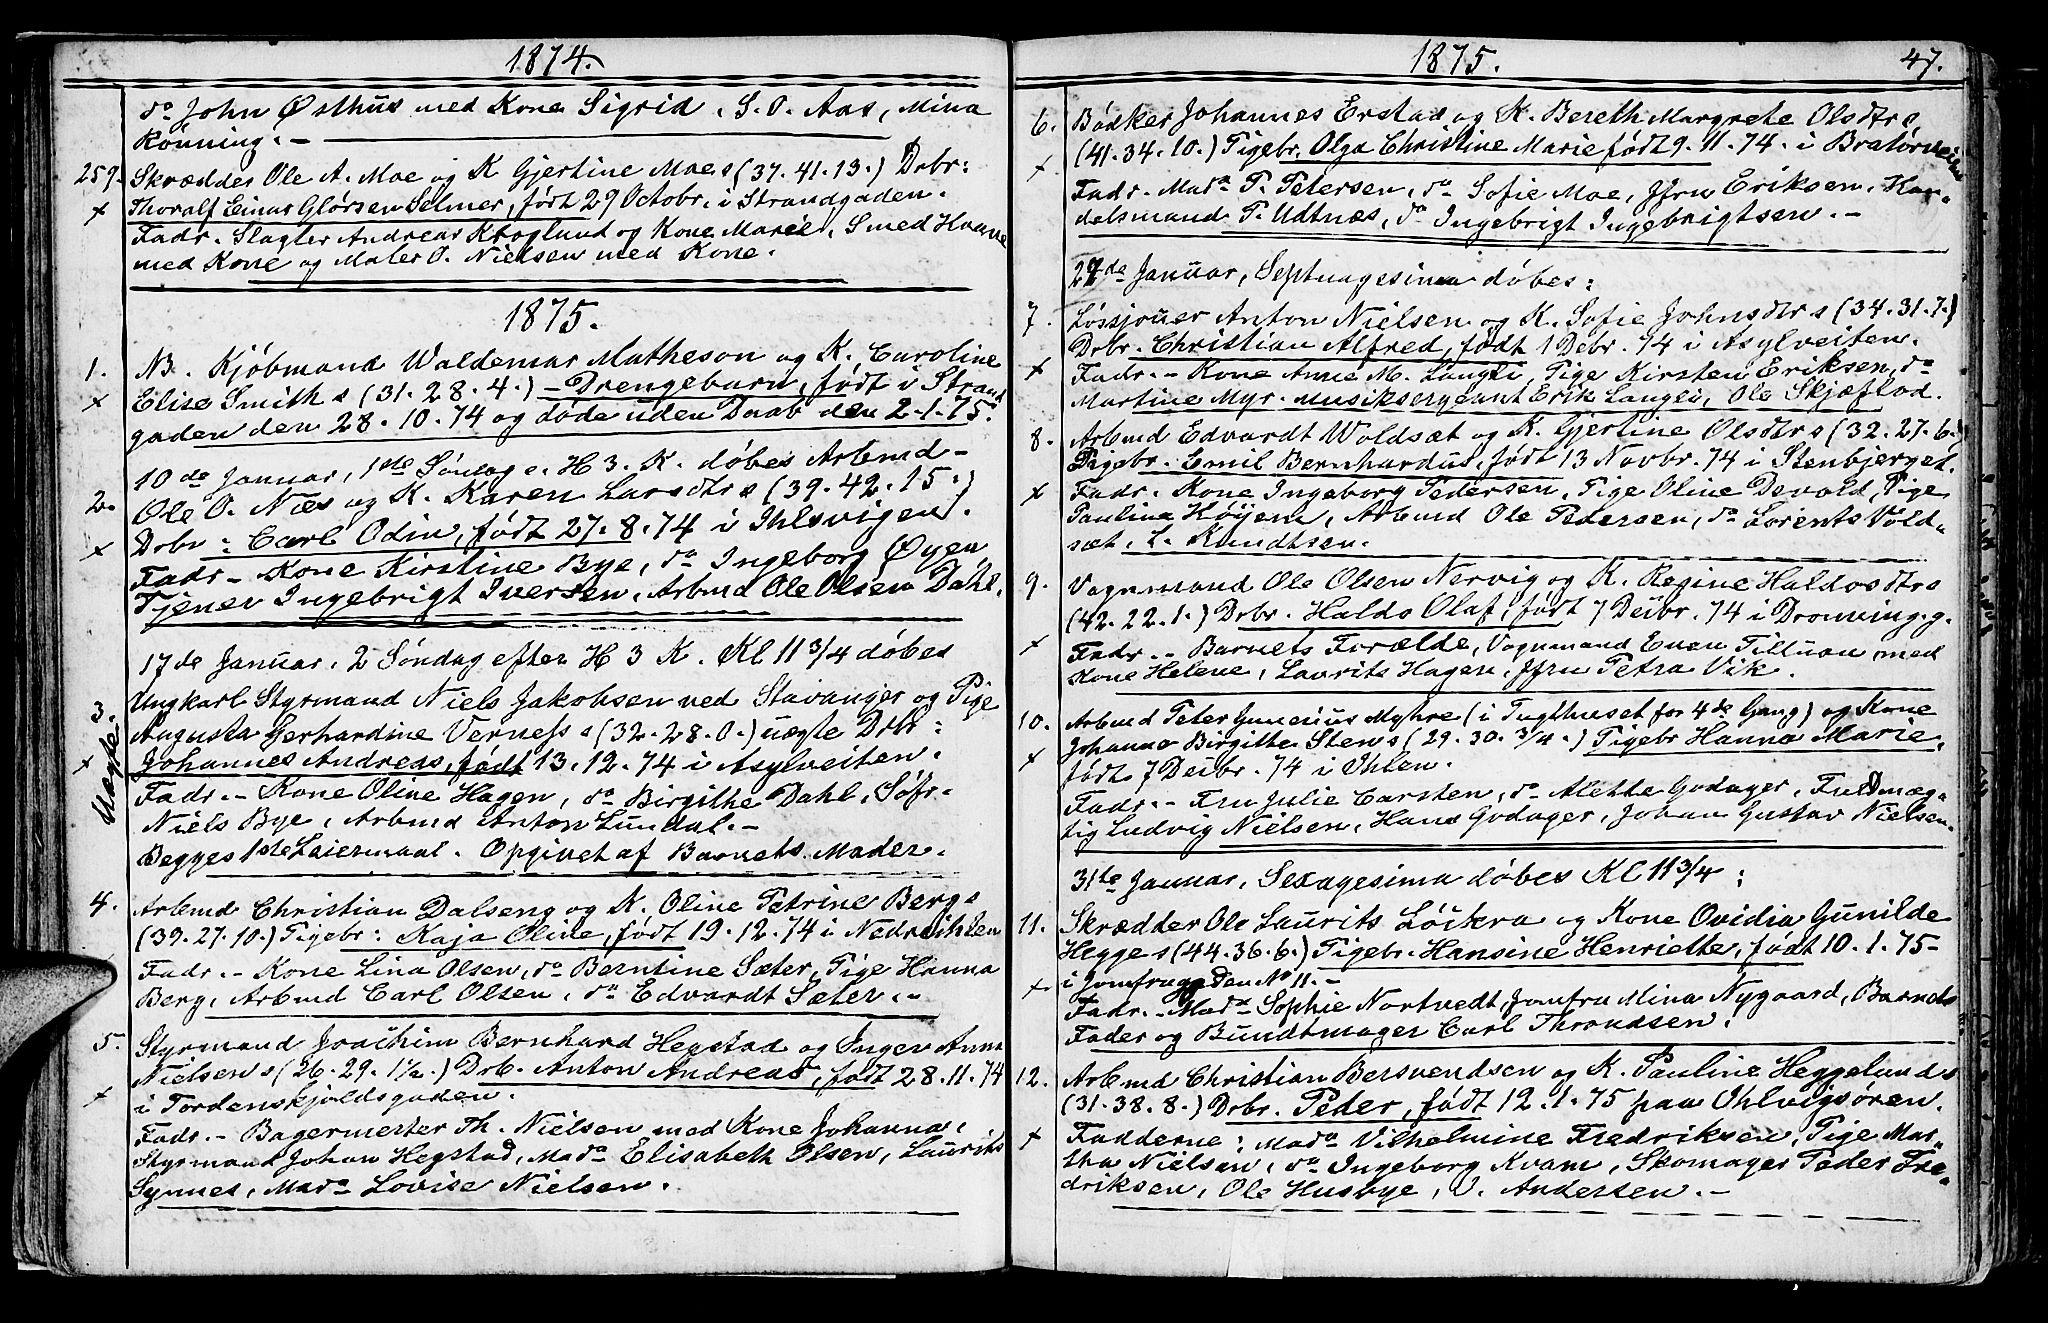 SAT, Ministerialprotokoller, klokkerbøker og fødselsregistre - Sør-Trøndelag, 602/L0142: Klokkerbok nr. 602C10, 1872-1894, s. 47